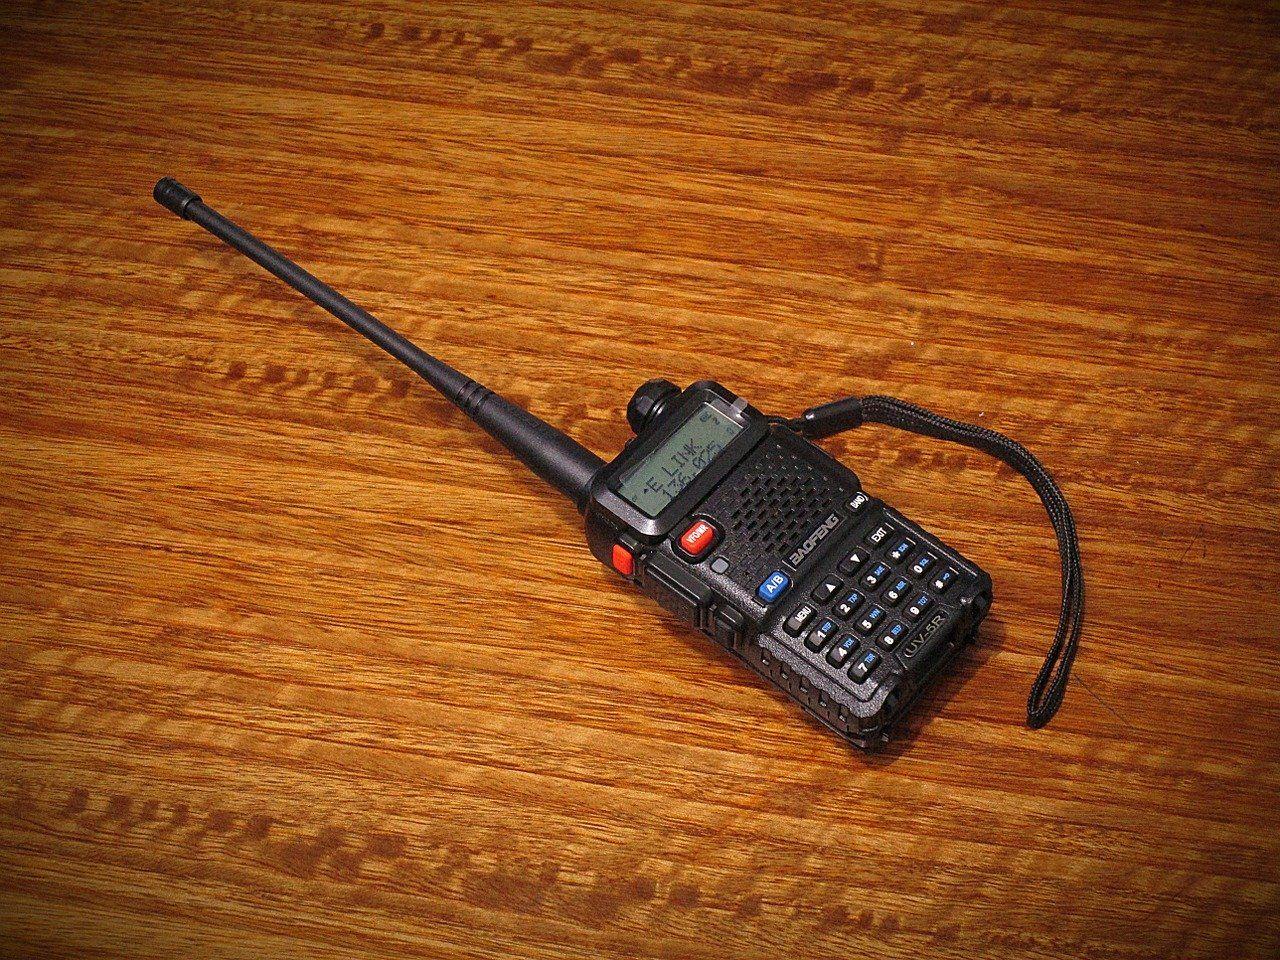 Radio or walkie talkie